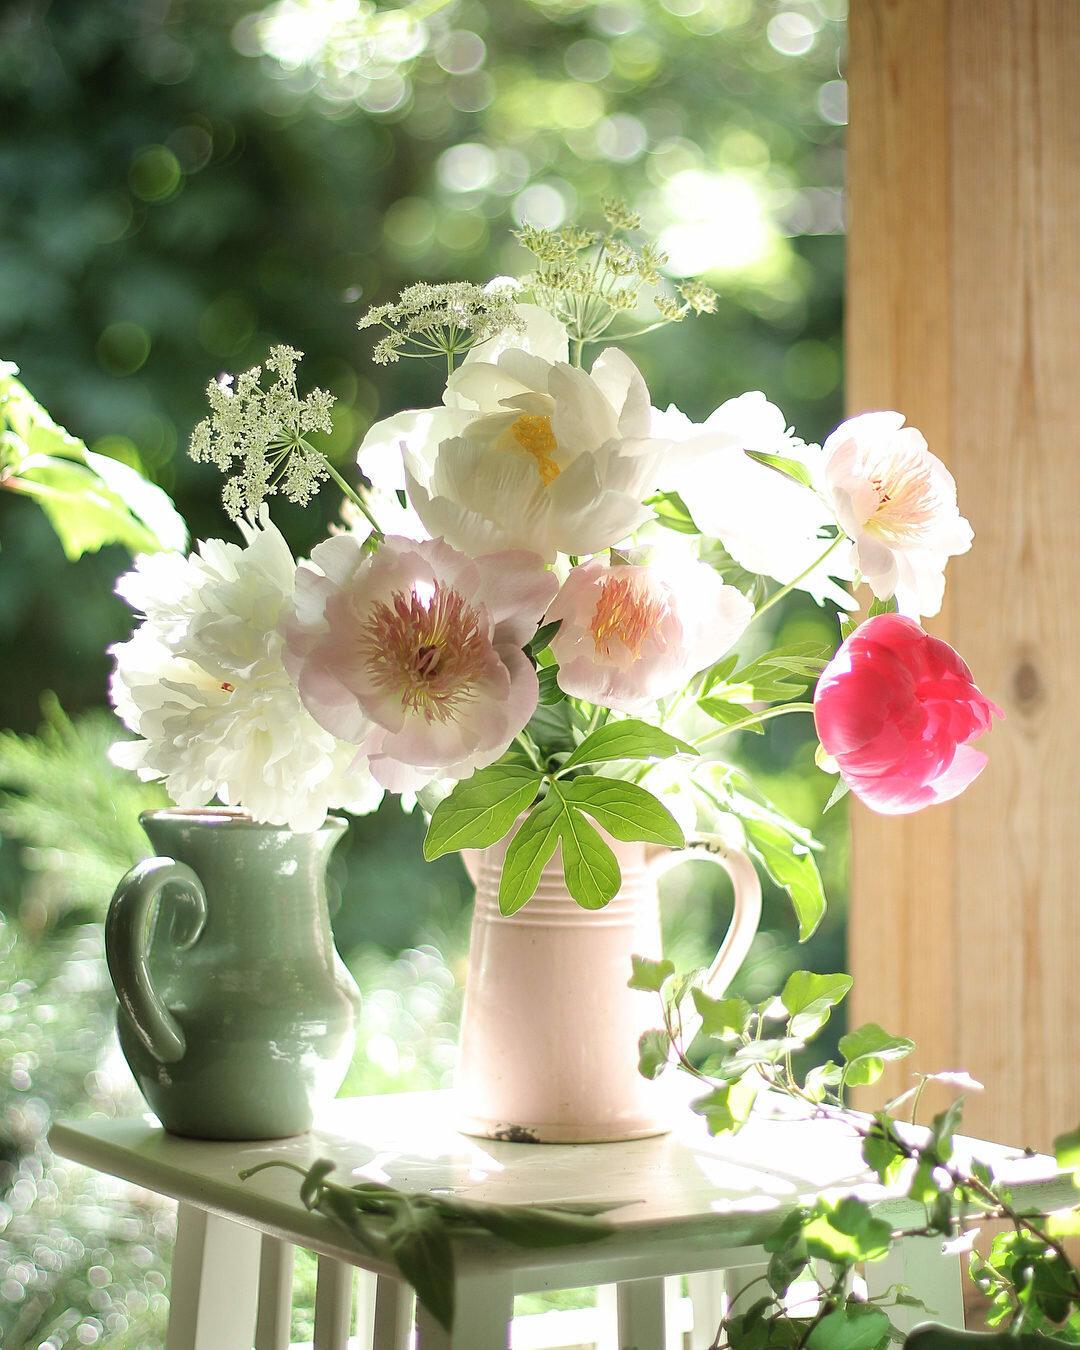 гости чтоб ласкового утра картинки с цветами уже